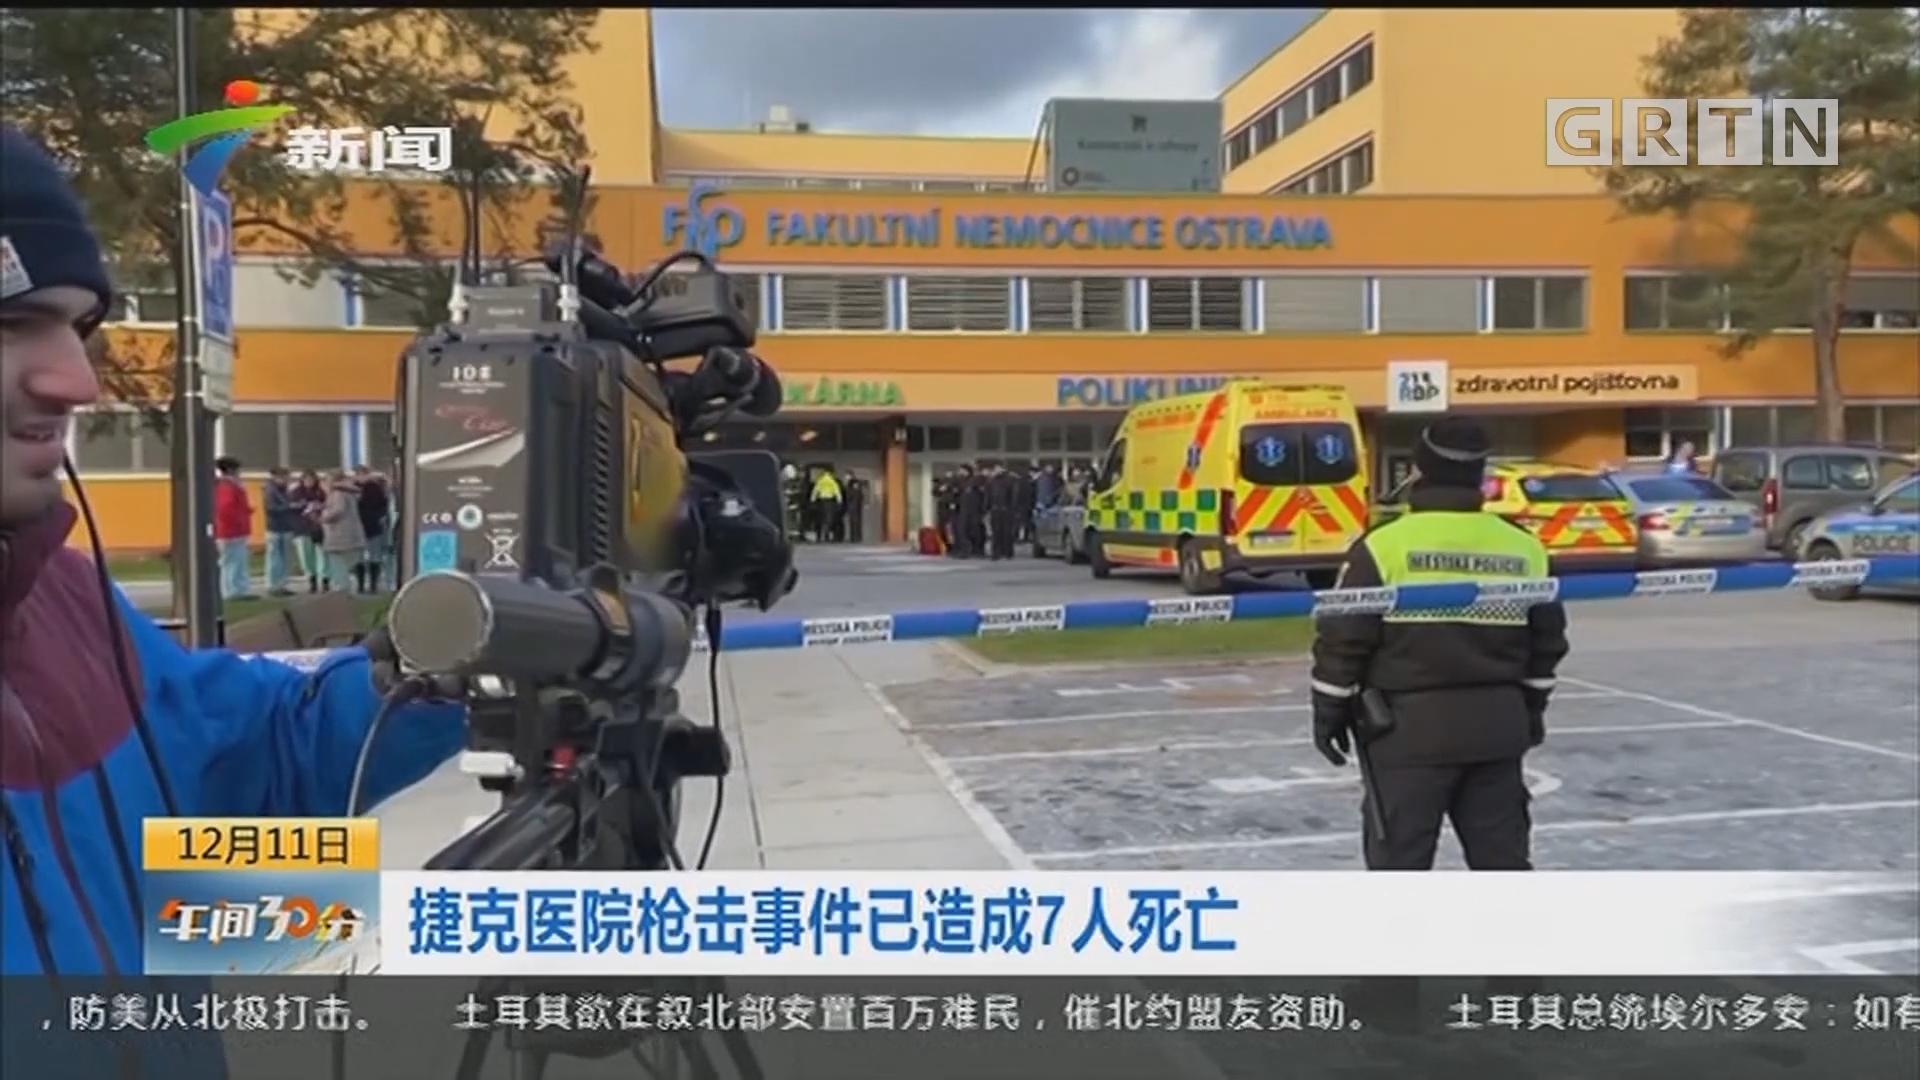 捷克医院枪击事件已造成7人死亡